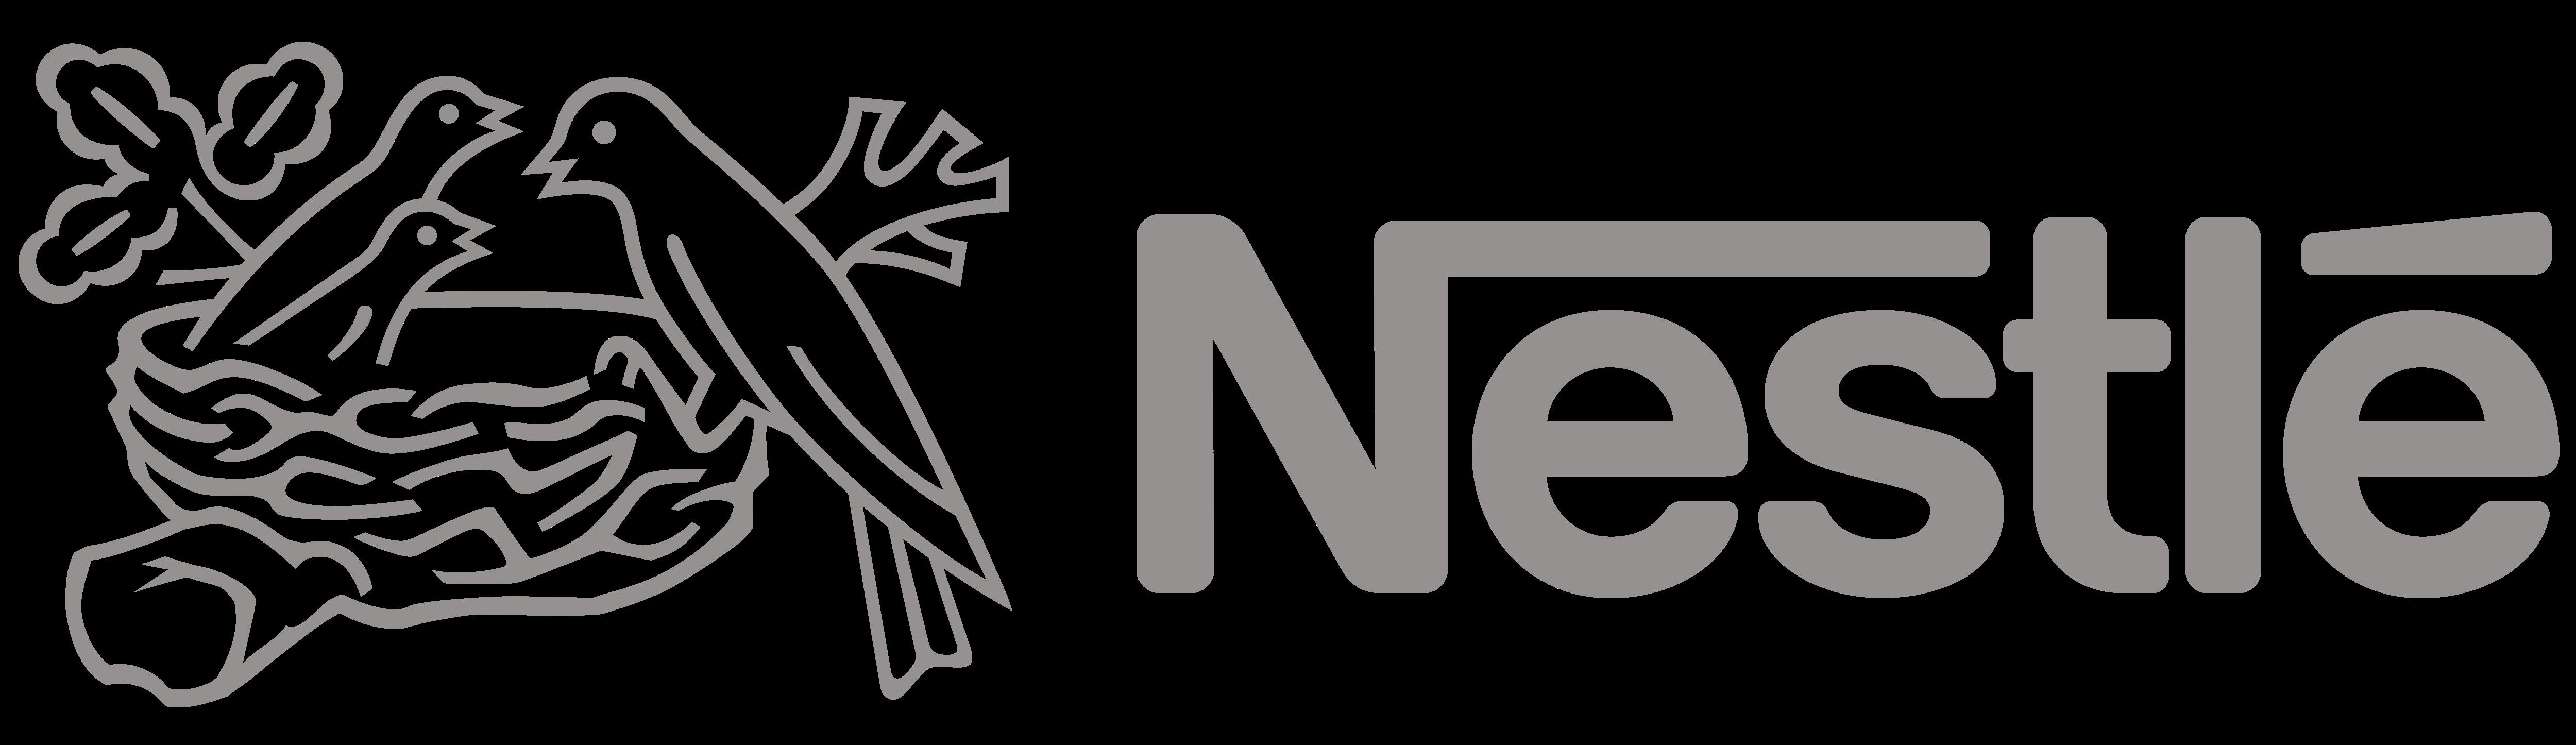 Nestlé_logo_1_gray